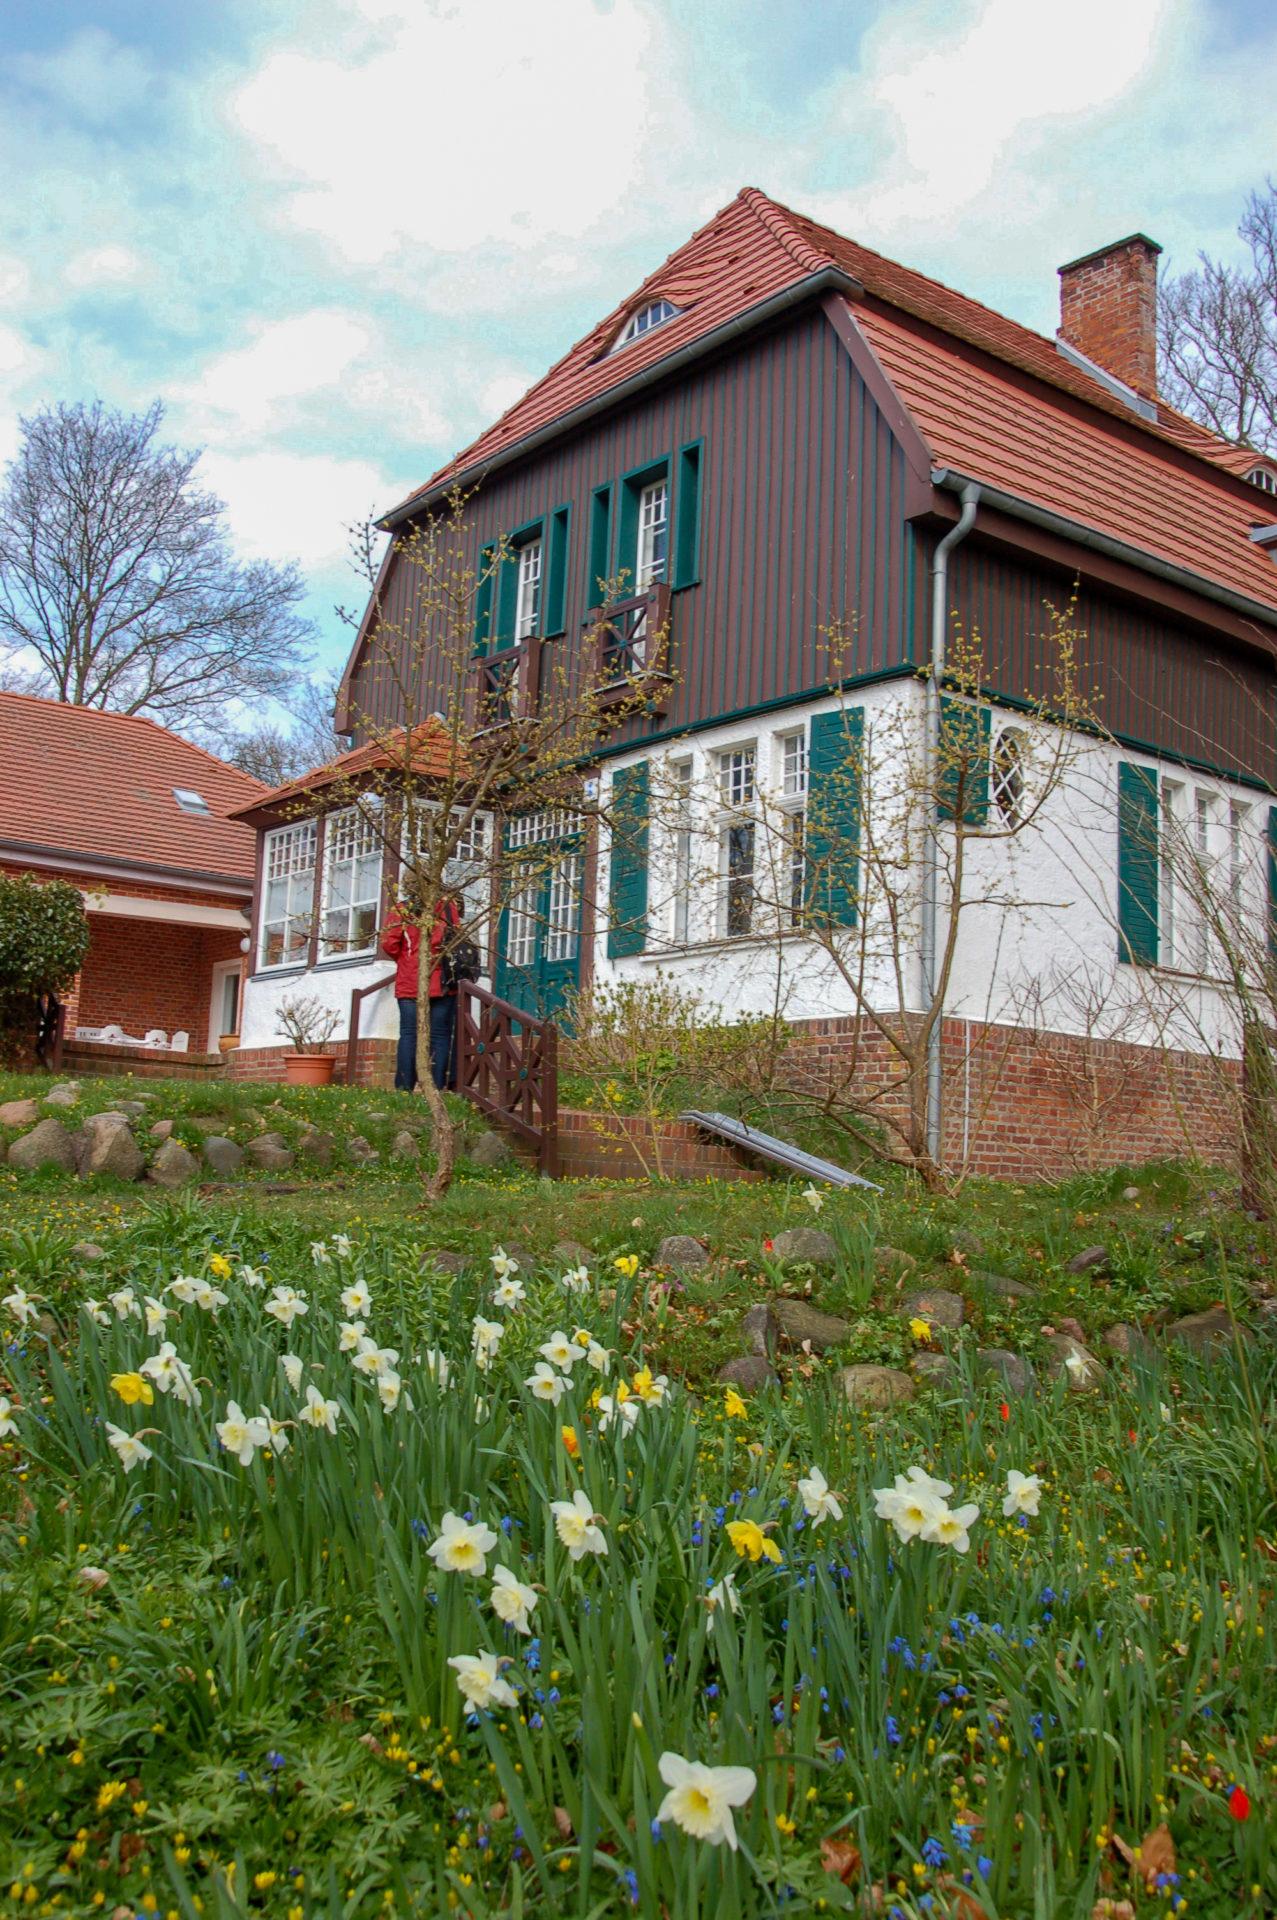 Osterglöckchen vor dem Gerhart-Hauptmann-Haus auf Hiddensee.